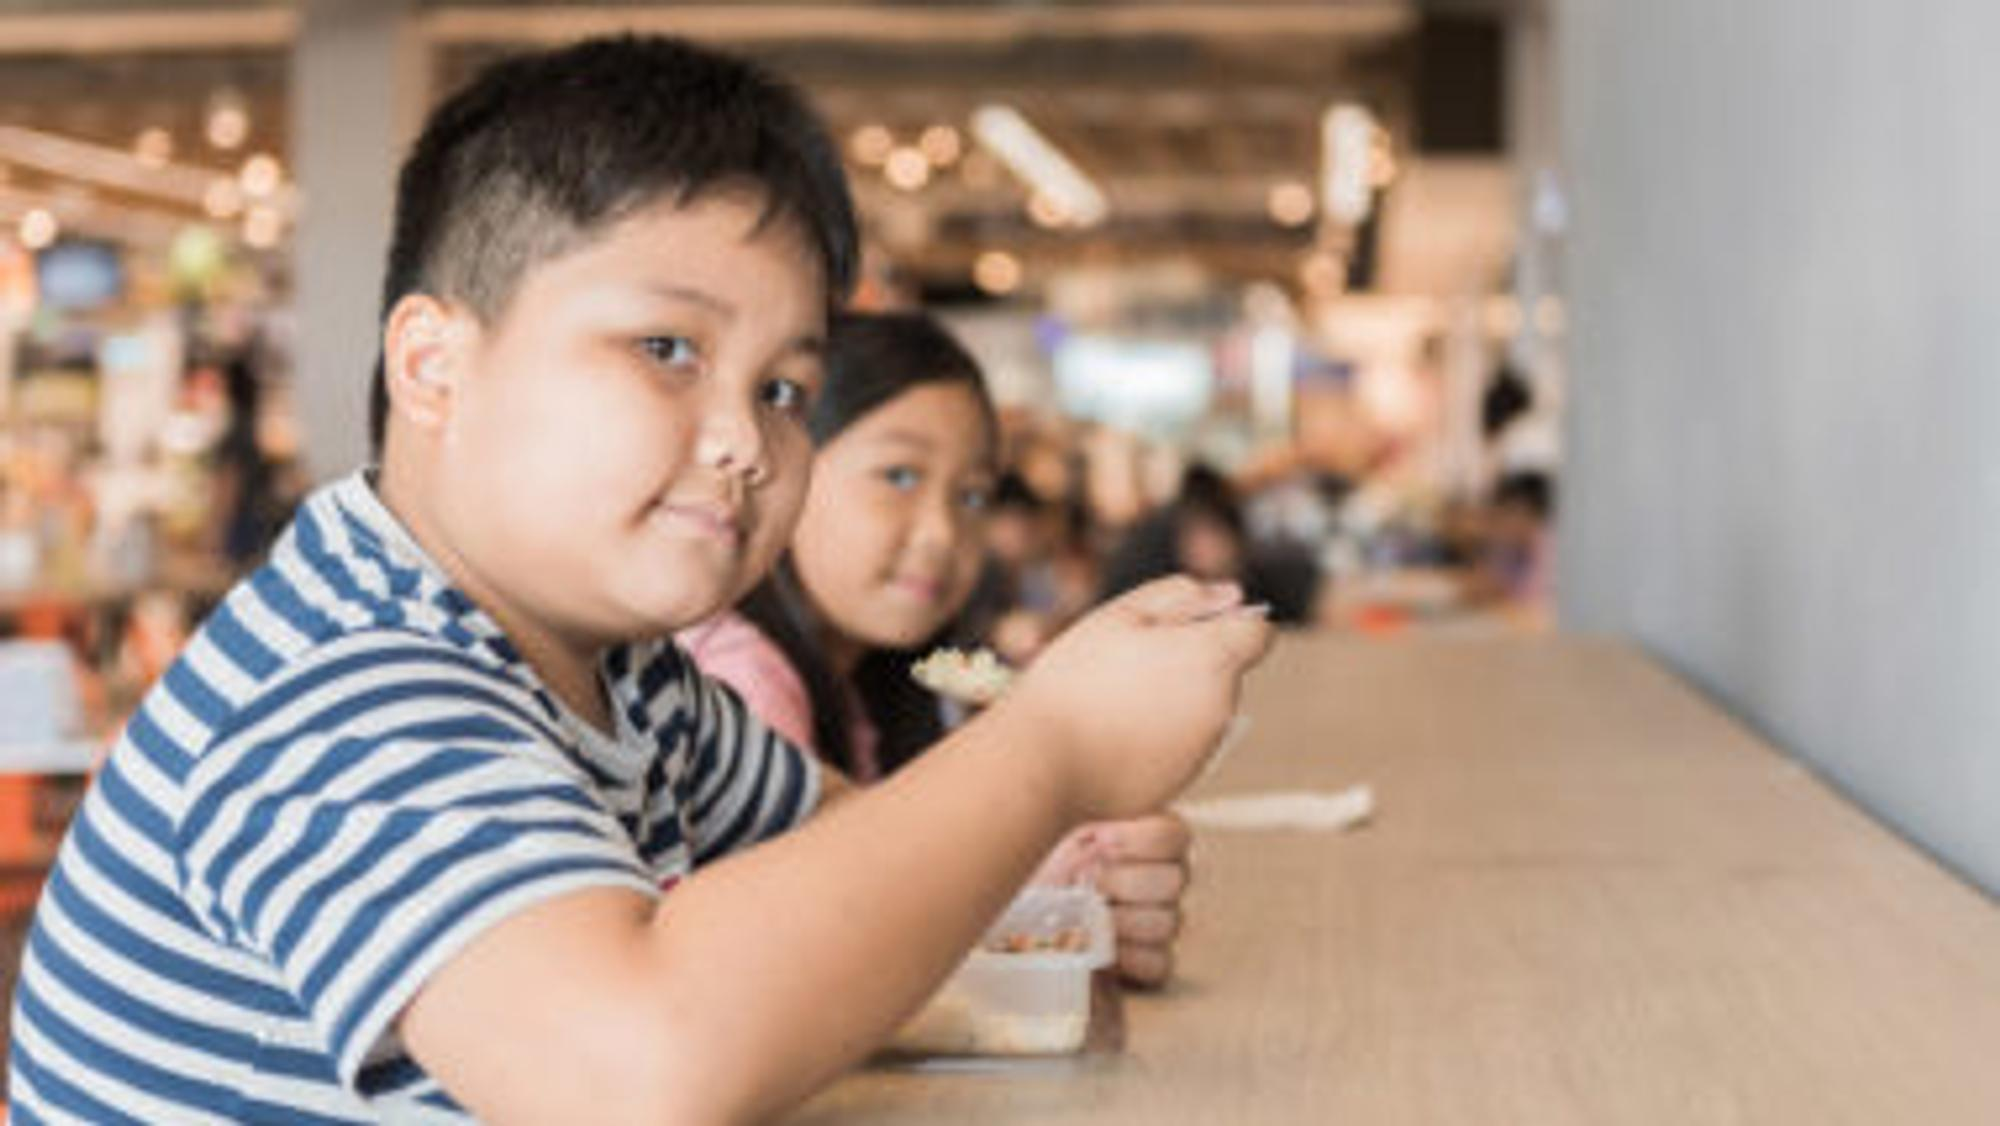 Zwei dicke Kinder, die essen